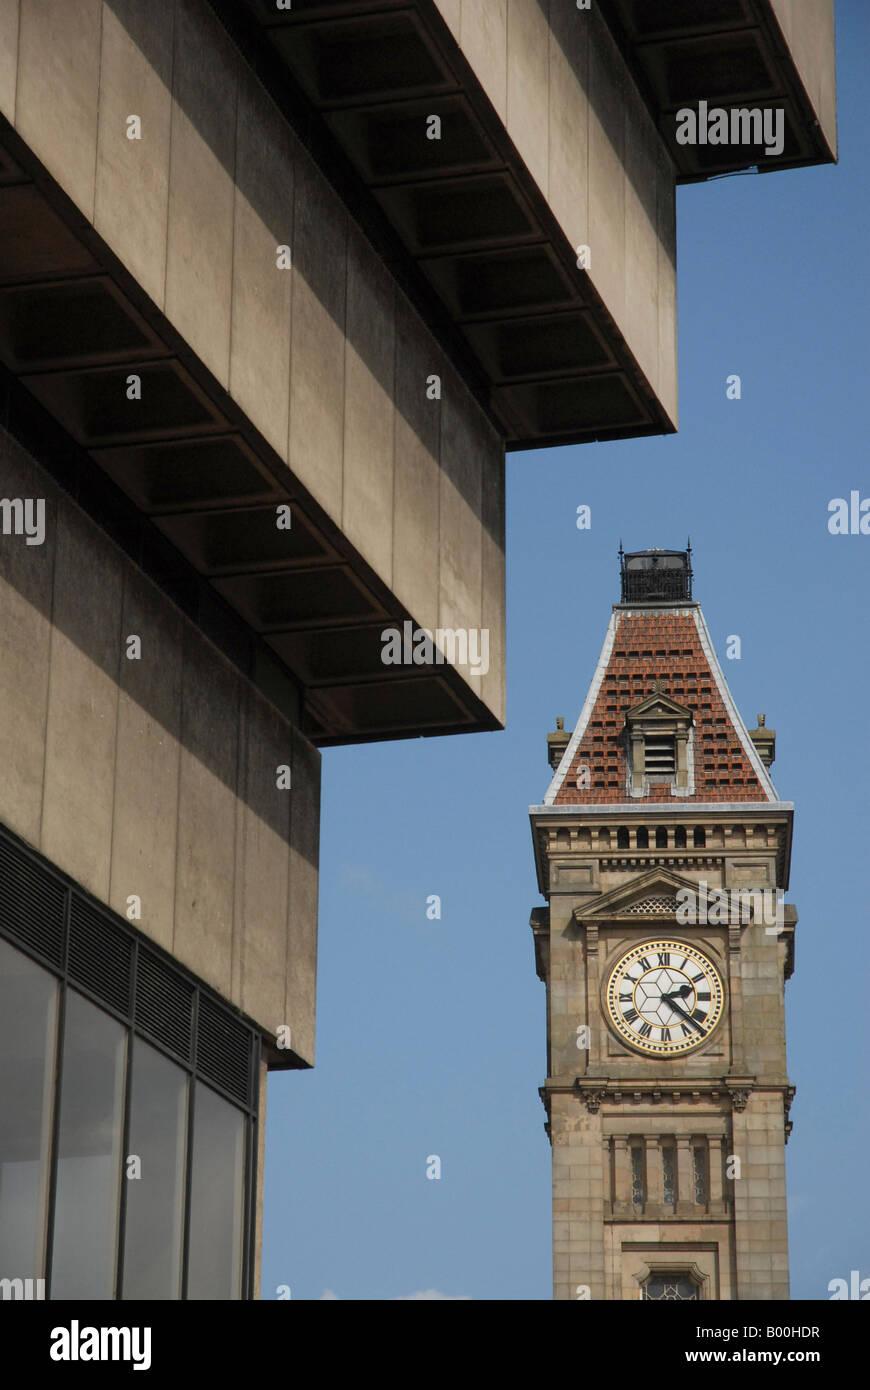 Central Library Birmingham Stock Photos & Central Library Birmingham ...